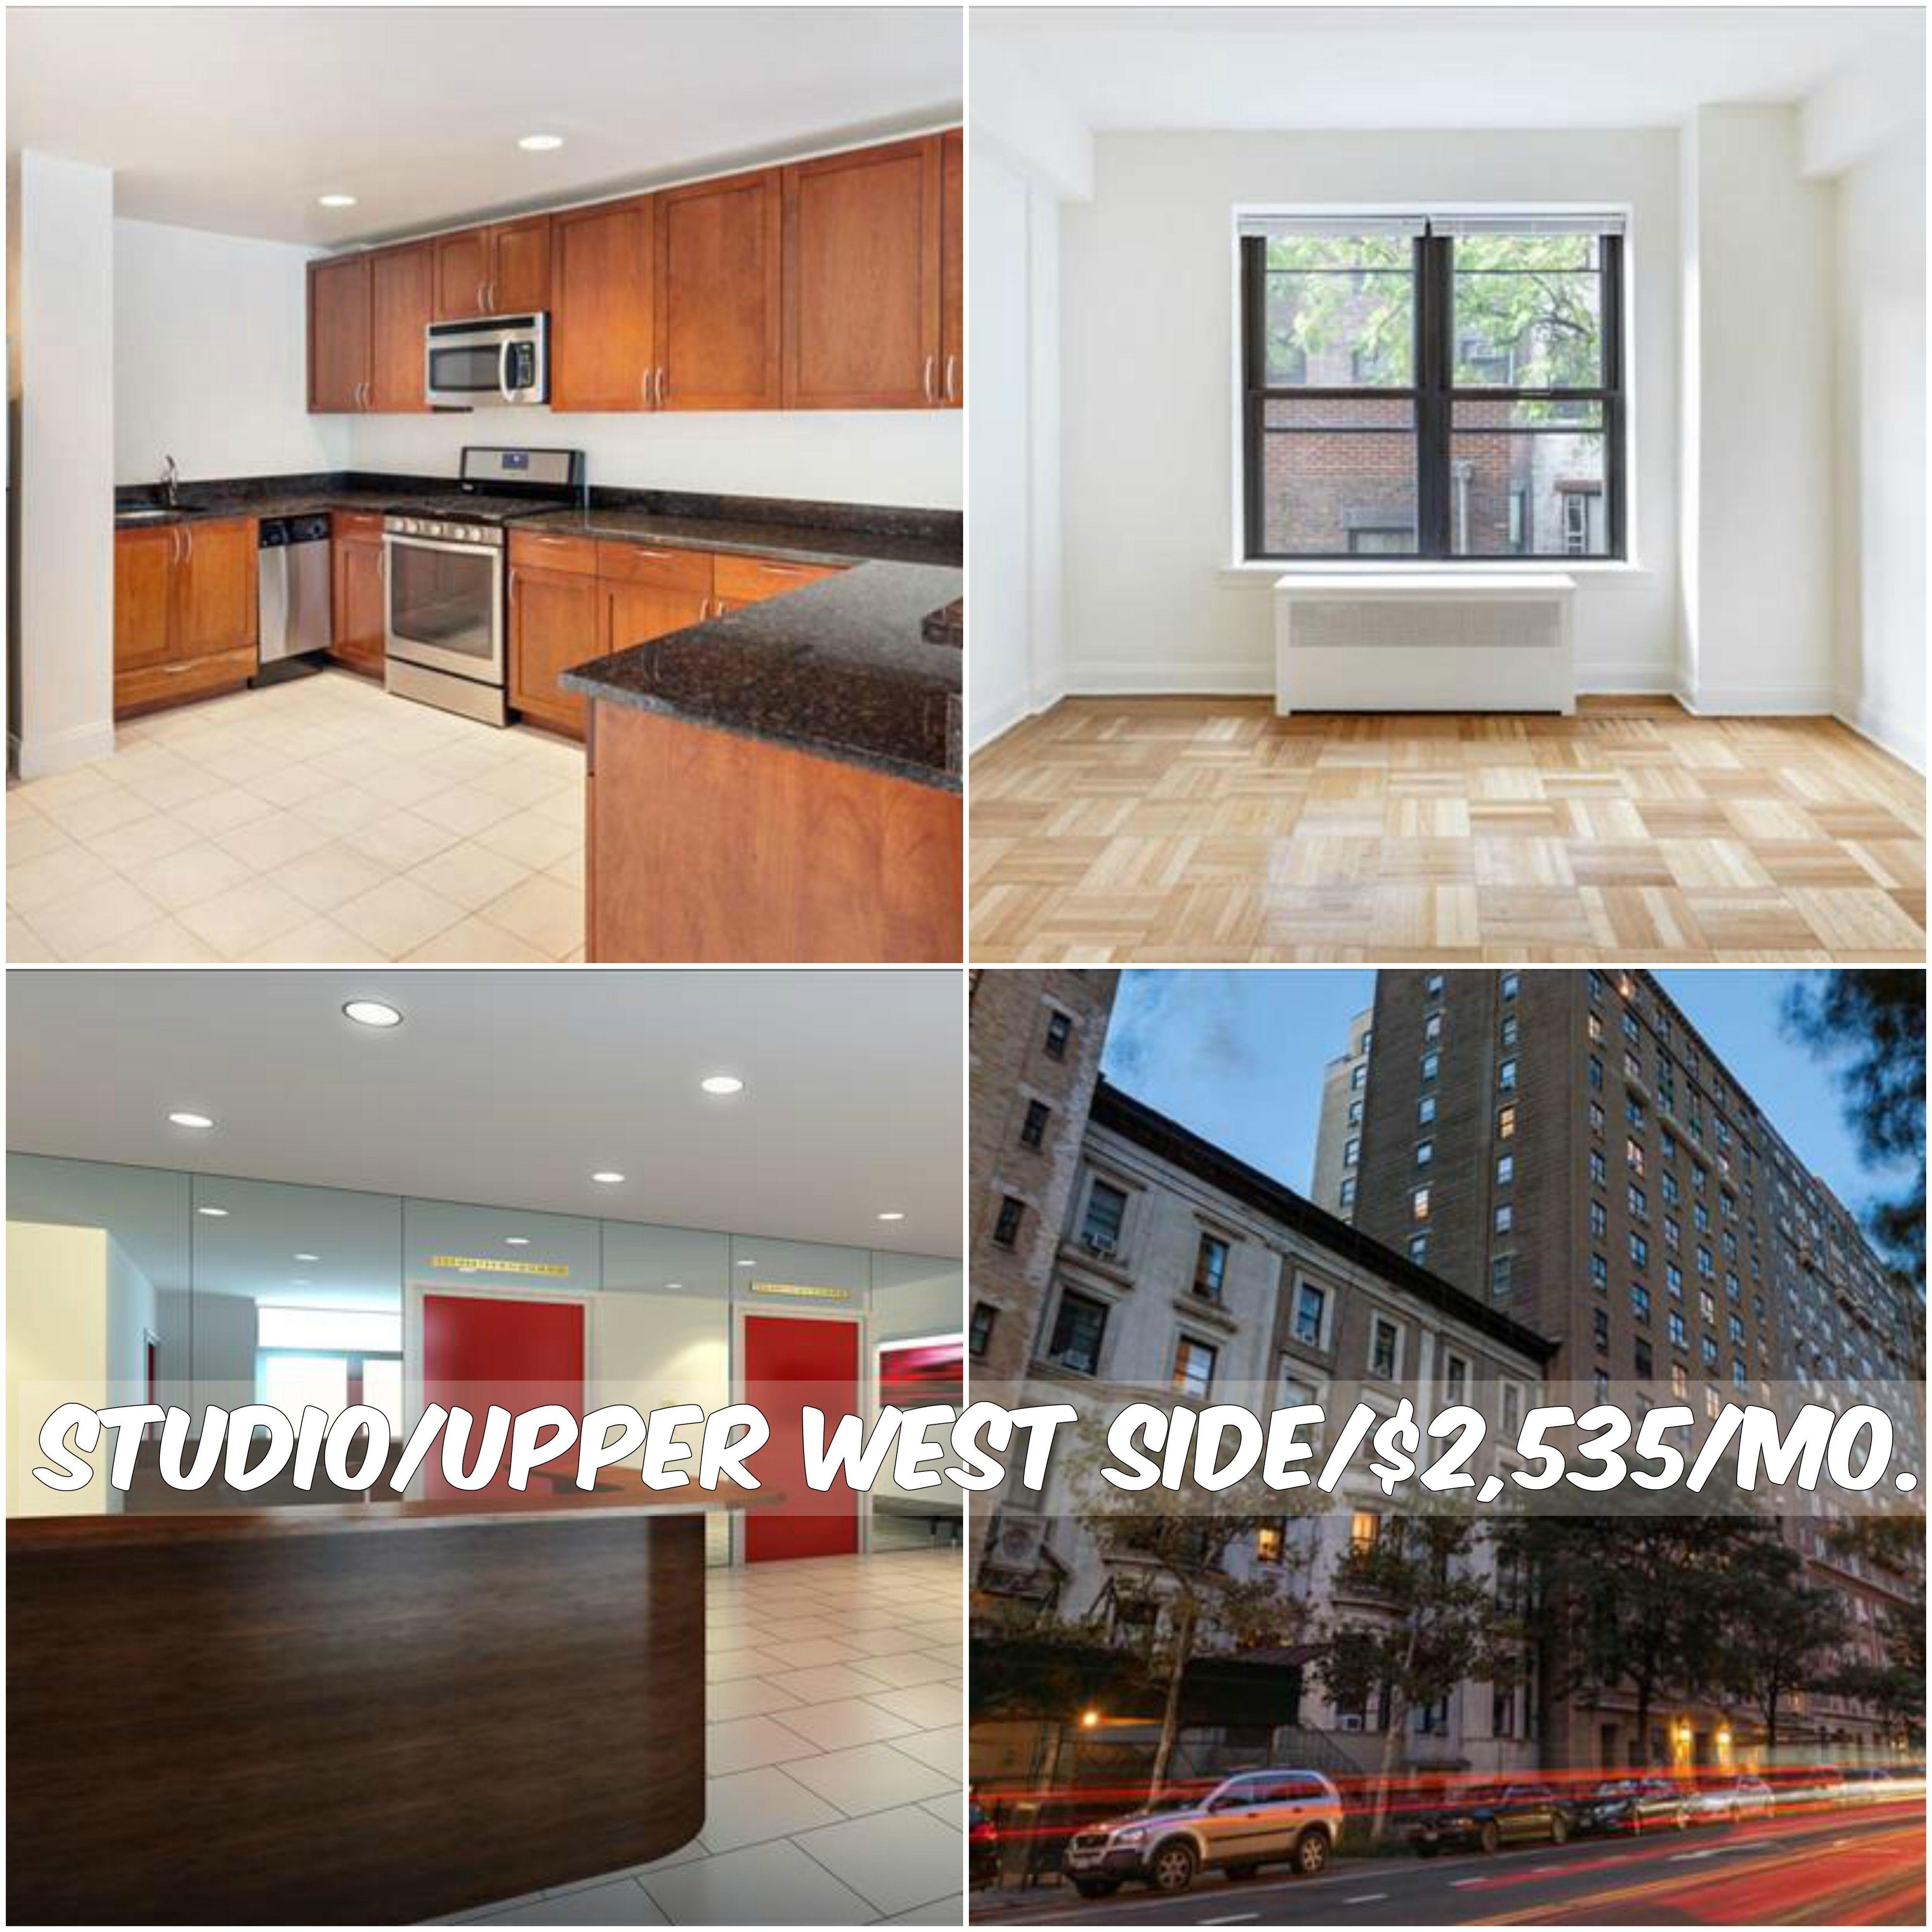 Studio Apt For Rent In Upper West Side At 2 535 Mo Doorman